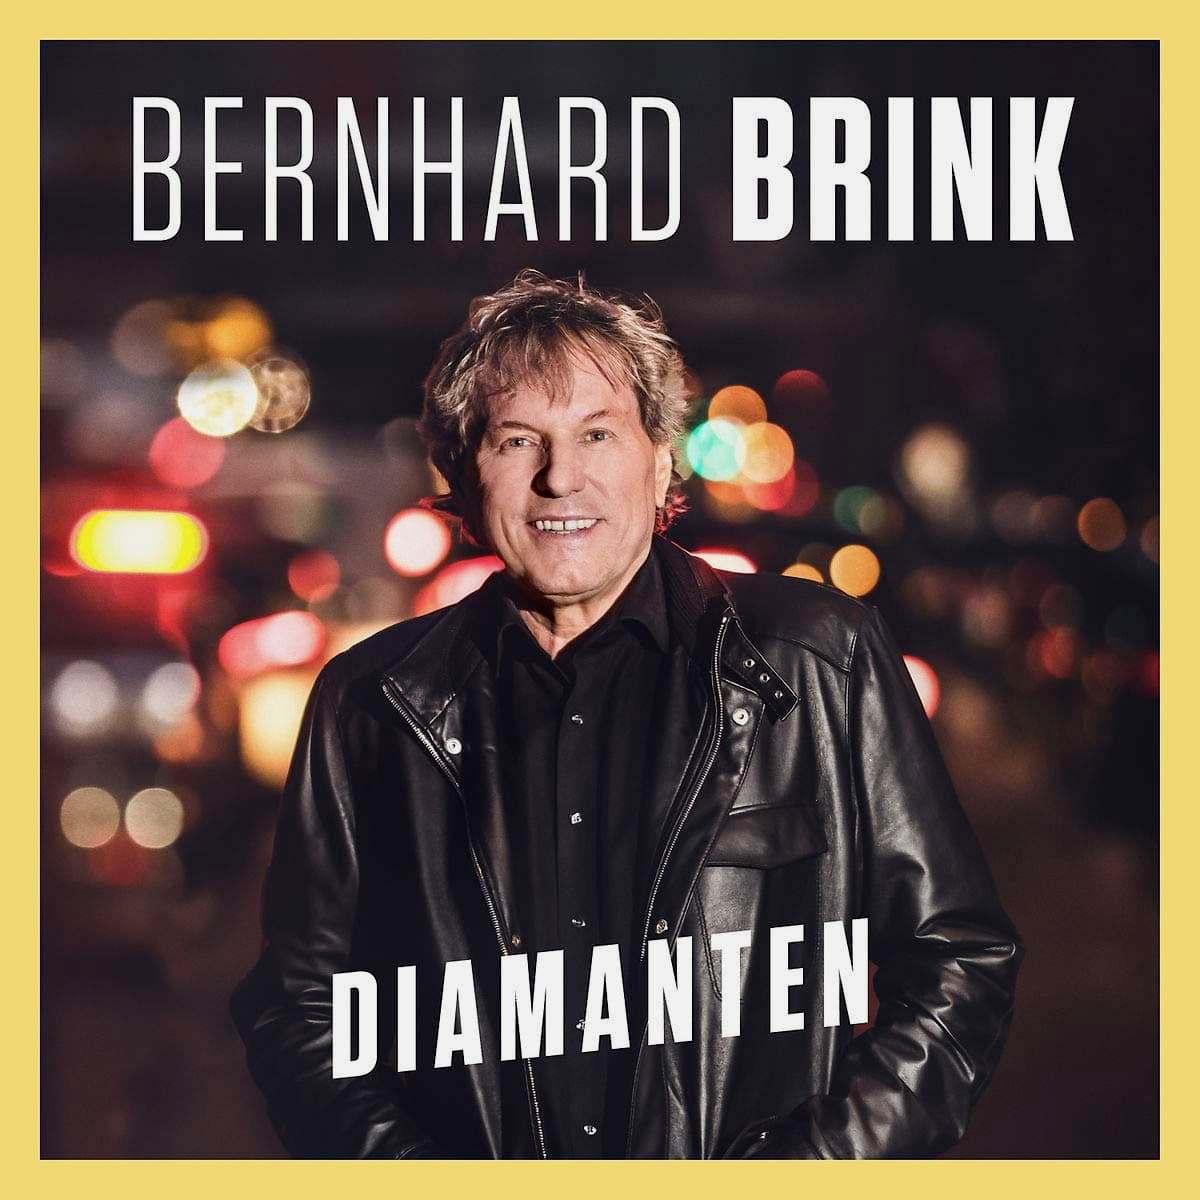 Bernhard Brink CD Diamanten 2019